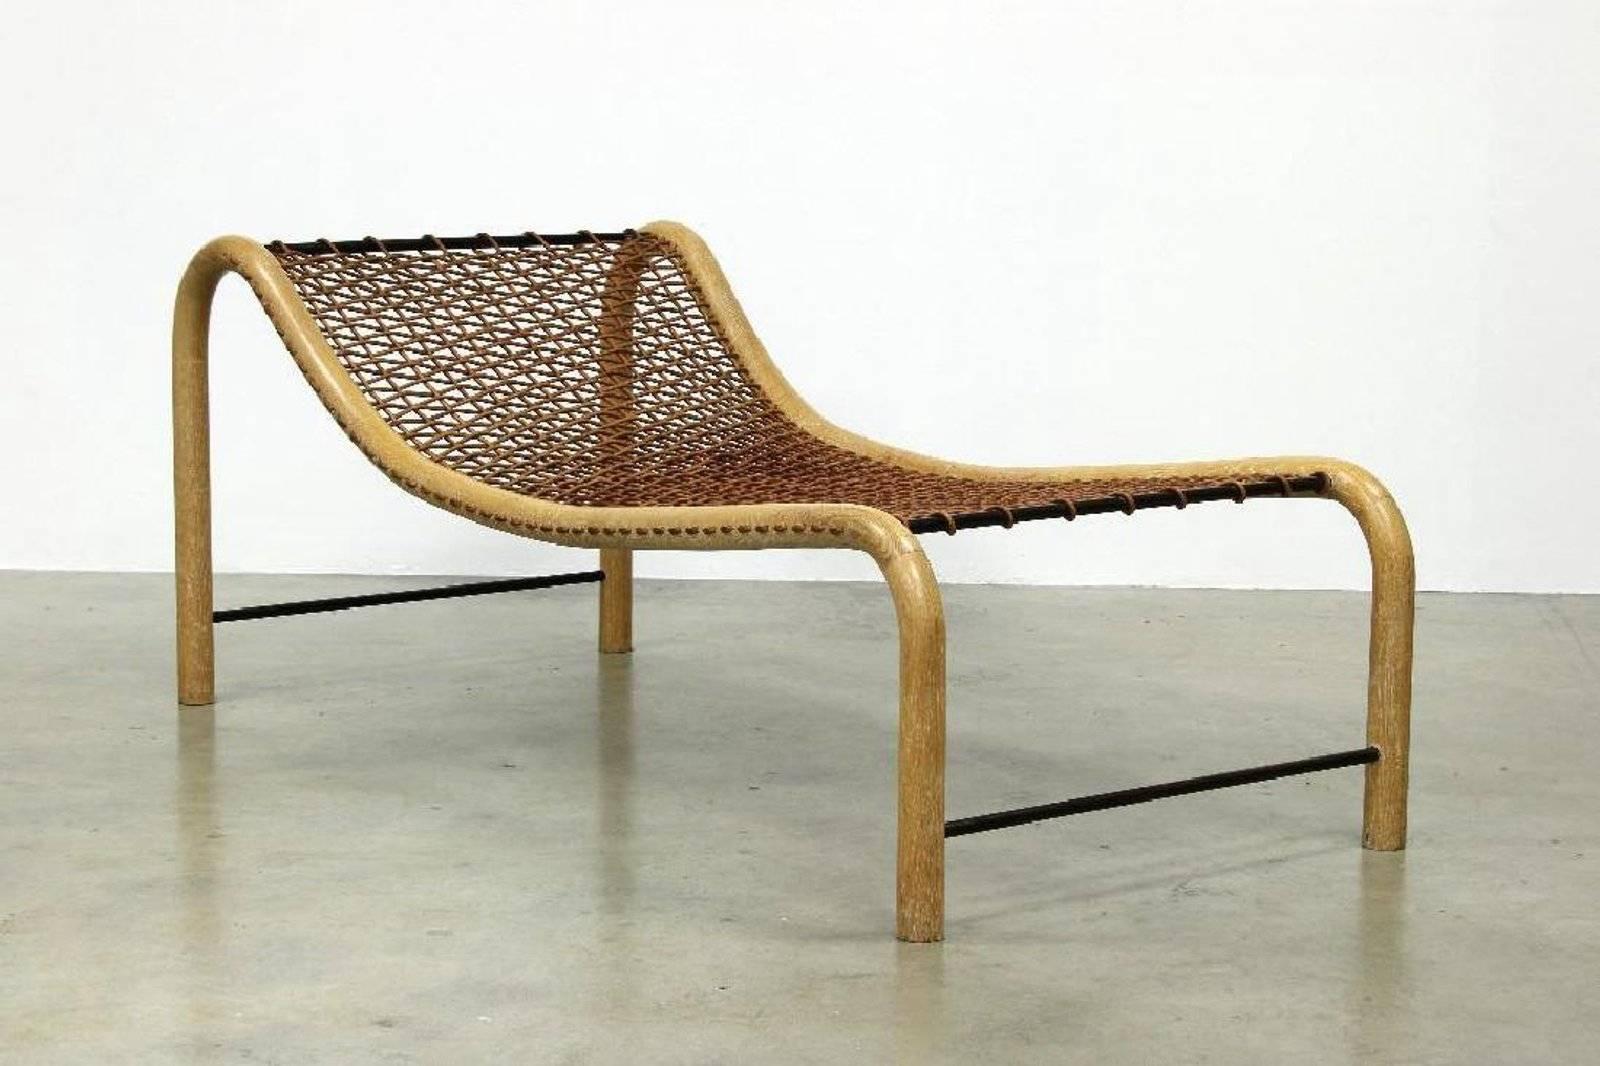 Übergroße Chaise Lounge Stühle Woven Von William Emmerson 2